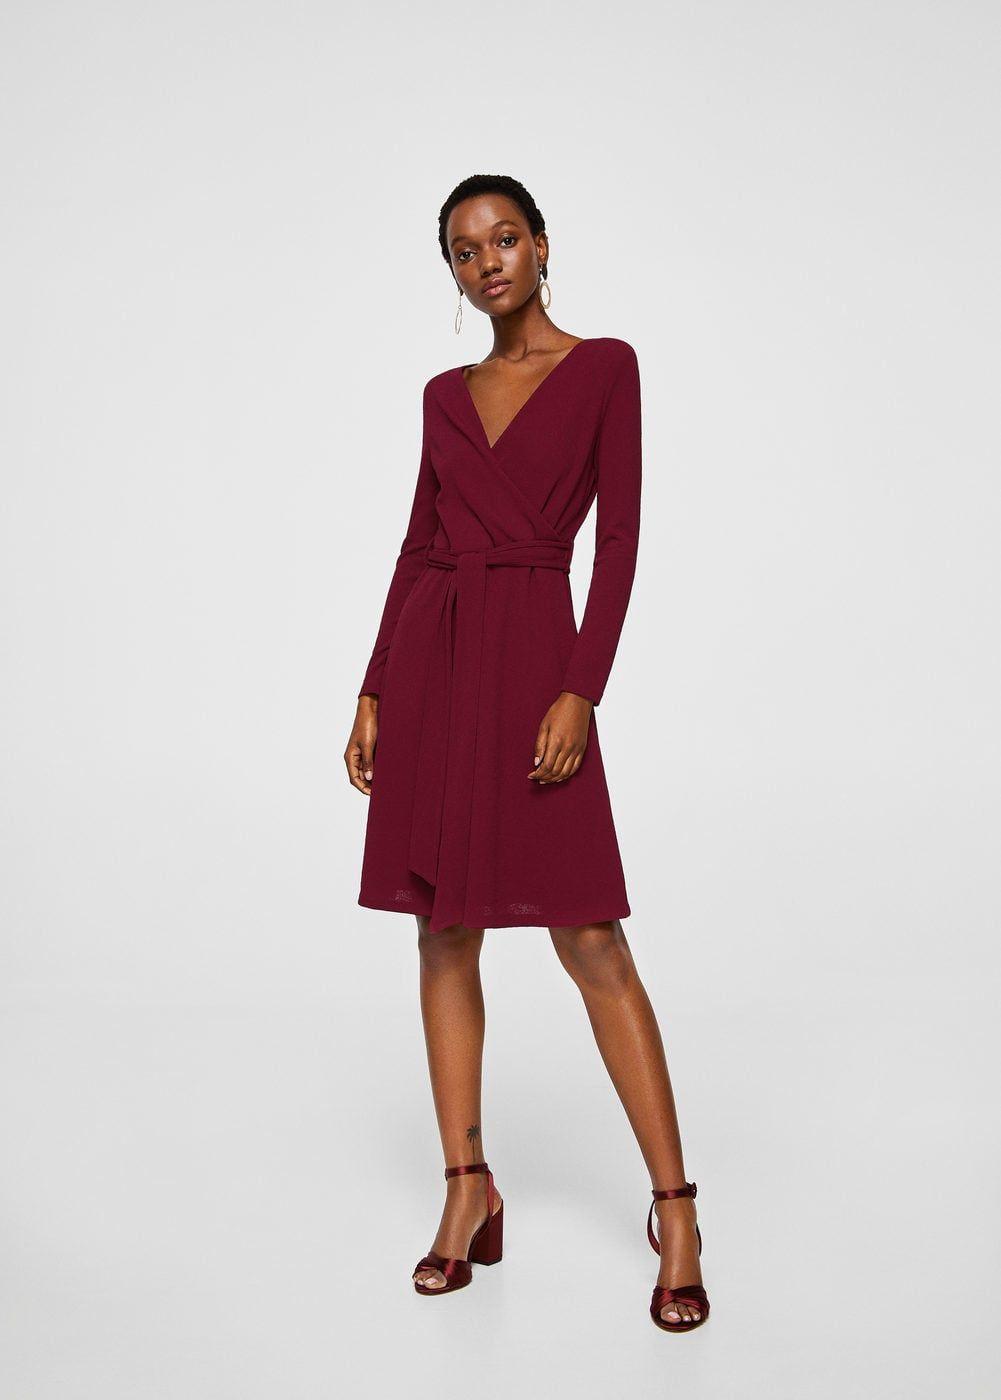 Mango Yazlık Elbise Modelleri 2019 – 2019